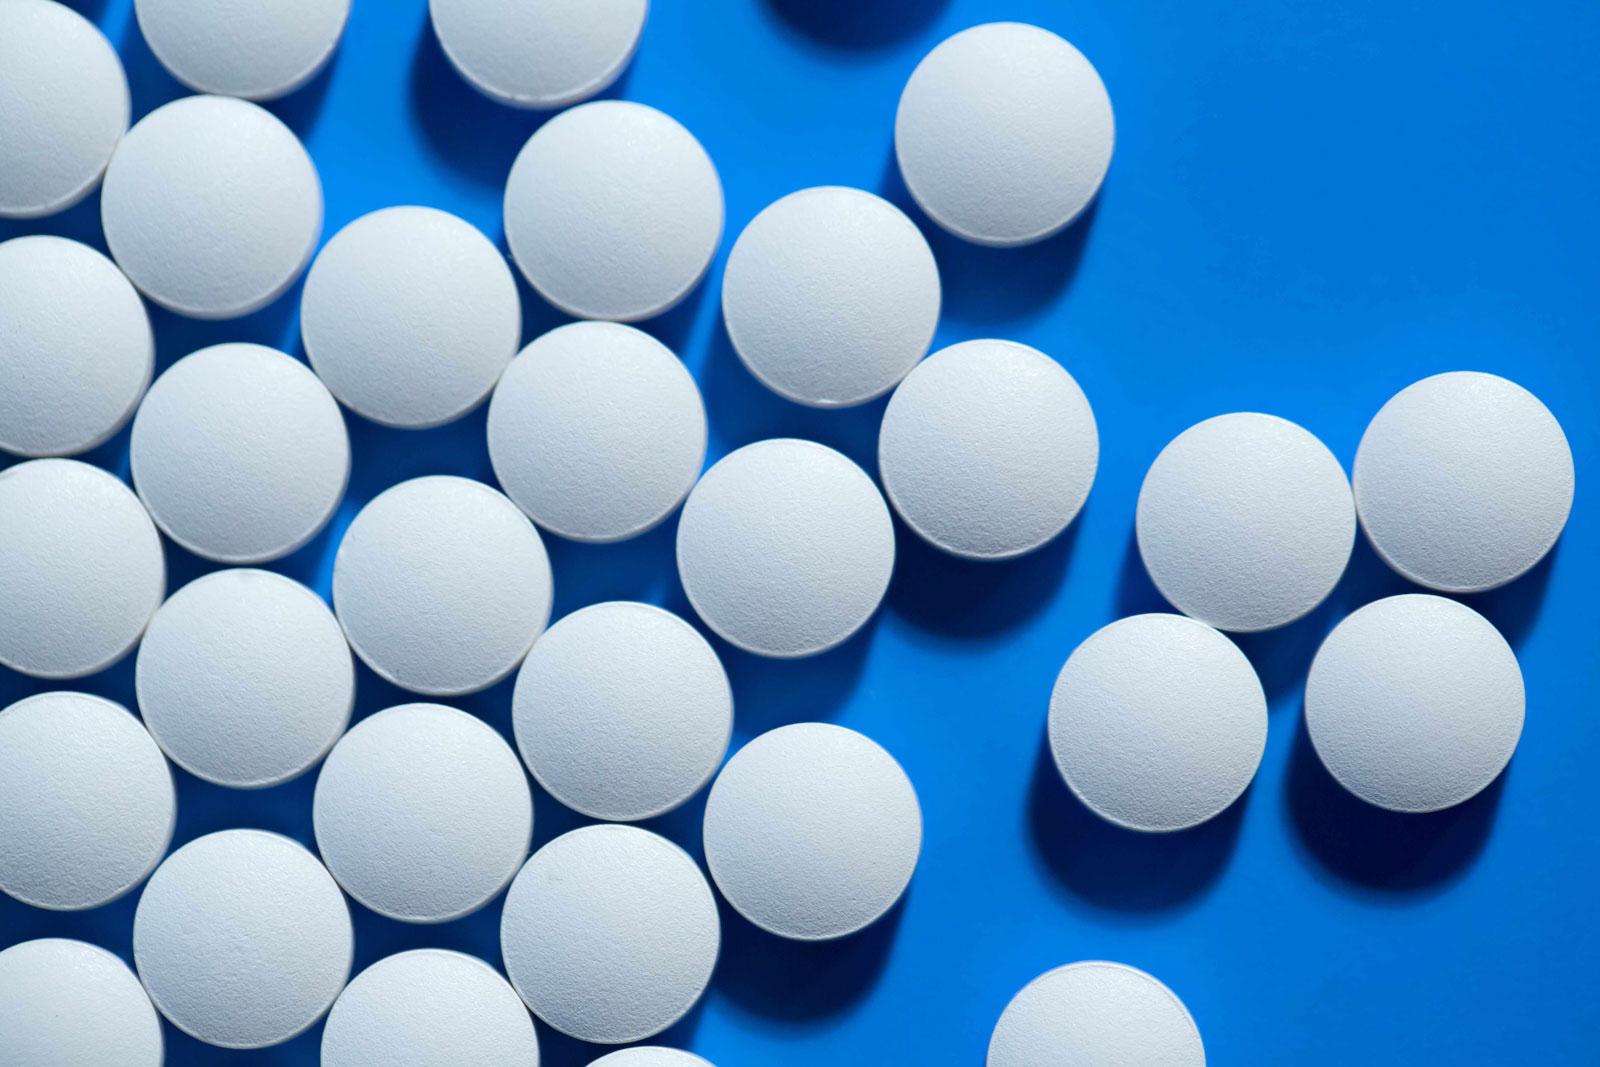 آسپیرین ، دارویی ضد انعقادی مناسب پس از عمل جراحی زانو